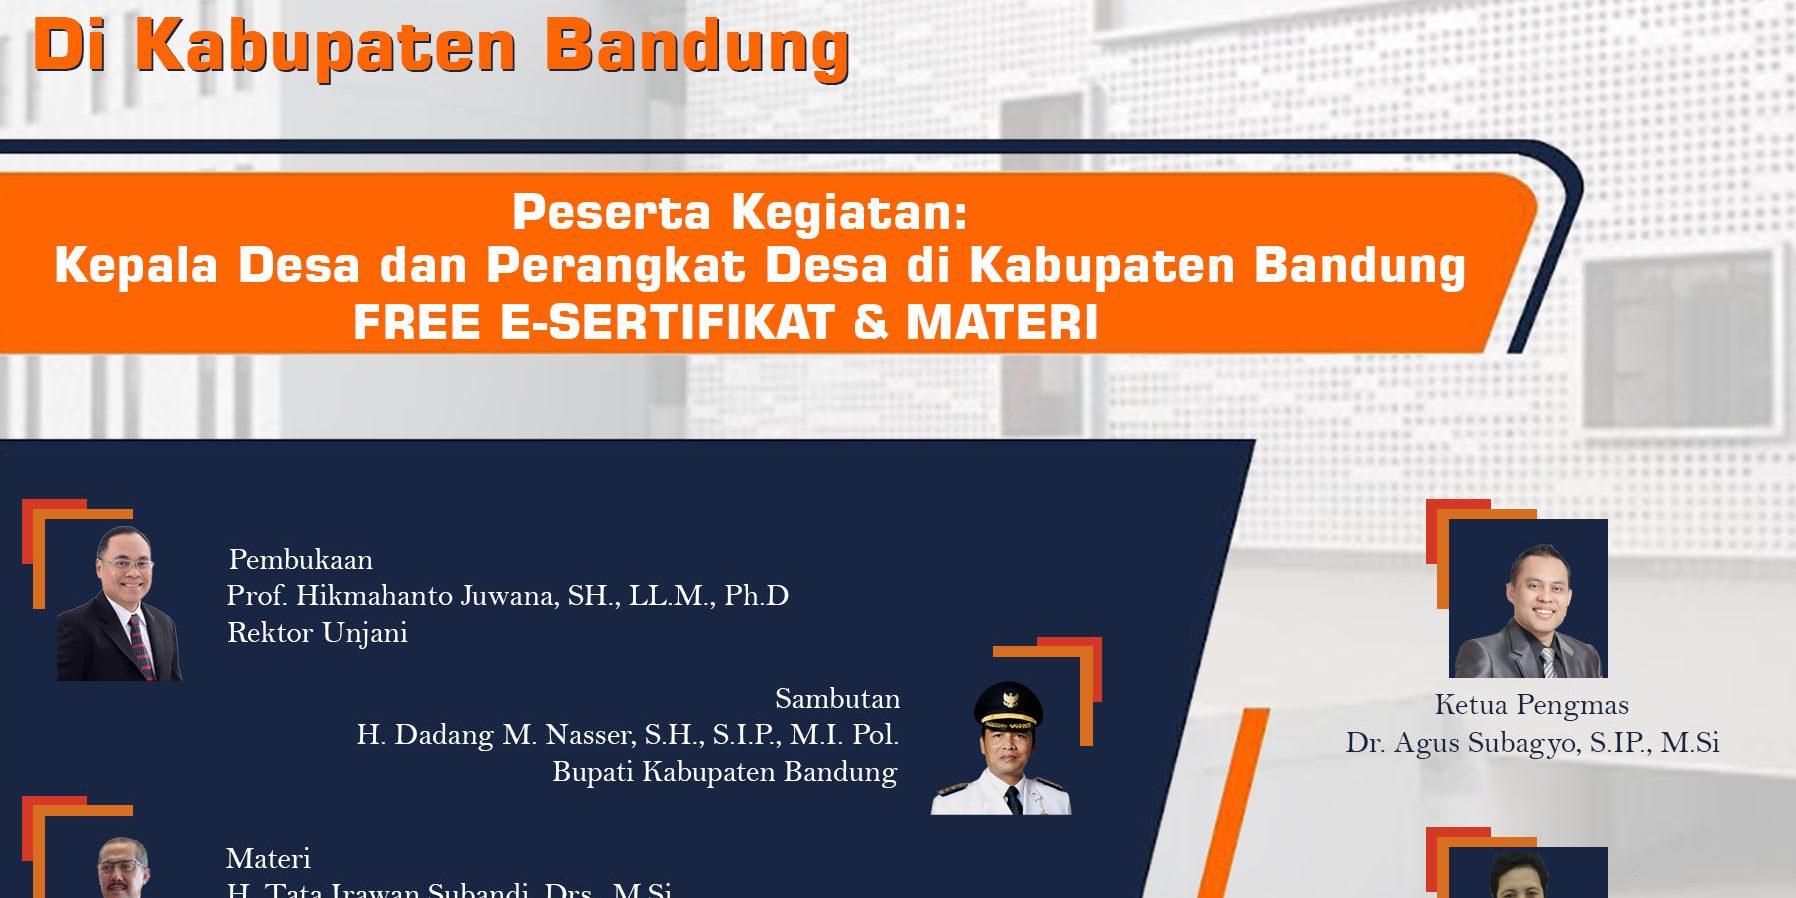 Pengmas Kab Bandung v2